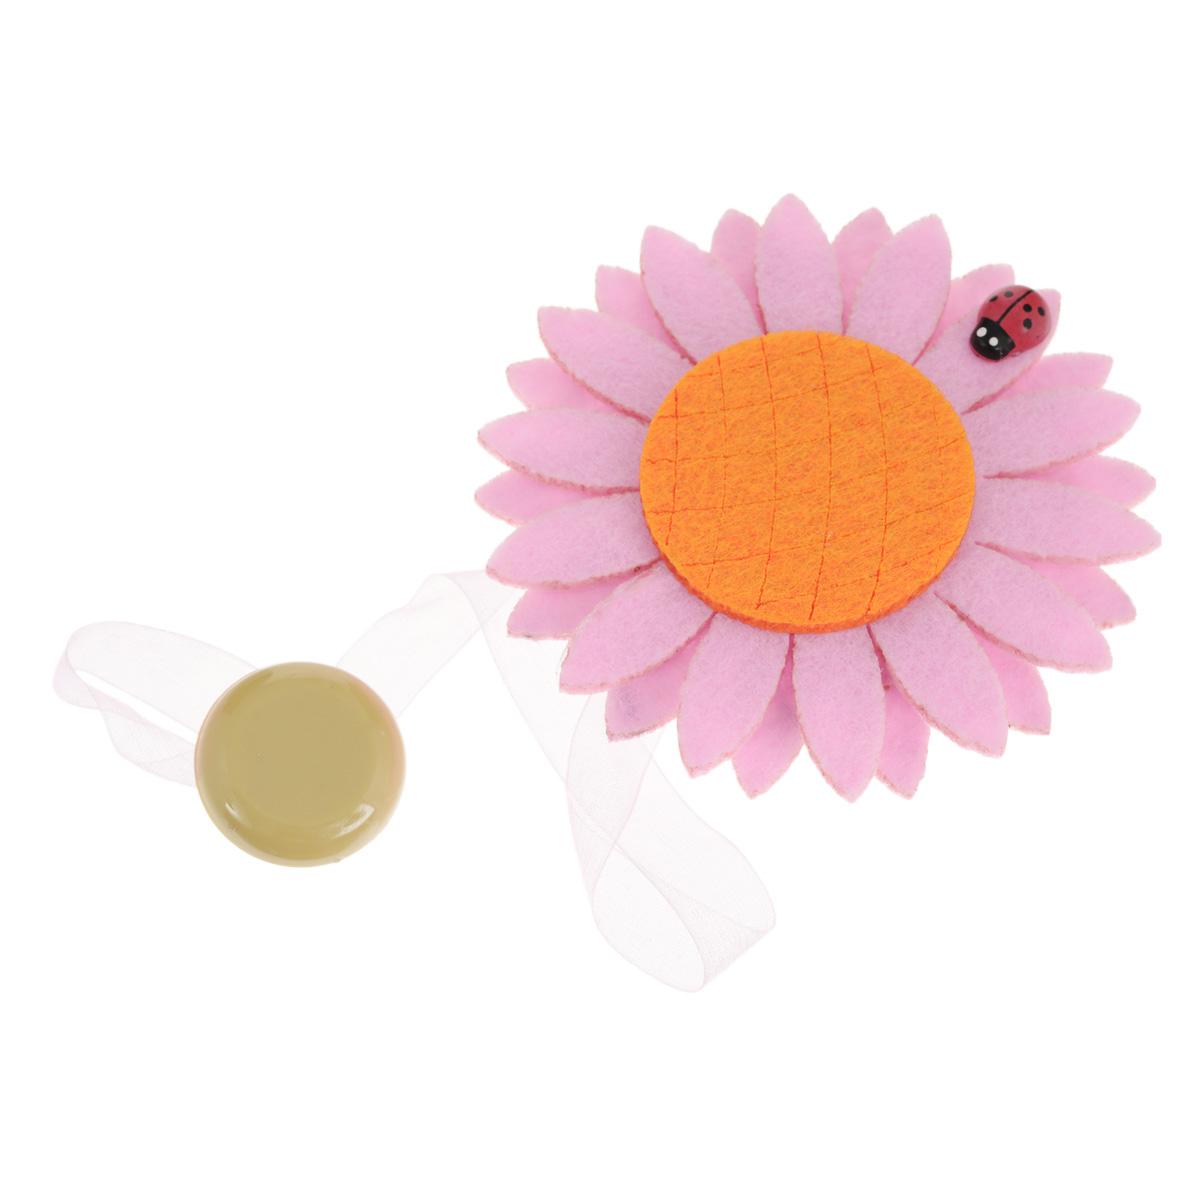 """Клипса-магнит """"Calamita Fiore"""", изготовленная из пластика и текстиля, предназначена для придания формы шторам. Изделие представляет собой два магнита, расположенные на разных концах текстильной ленты. Один из магнитов оформлен декоративным цветком. С помощью такой магнитной клипсы можно зафиксировать портьеры, придать им требуемое положение, сделать складки симметричными или приблизить портьеры, скрепить их.   Клипсы для штор являются универсальным изделием, которое превосходно подойдет как для штор в детской комнате, так и для штор в гостиной. Следует отметить, что клипсы для штор выполняют не только практическую функцию, но также являются одной из основных деталей декора этого изделия, которая придает шторам восхитительный, стильный внешний вид. Материал: пластик, полиэстер, магнит. Диаметр декоративного цветка: 9 см. Диаметр магнита: 2,5 см. Длина ленты: 28 см."""